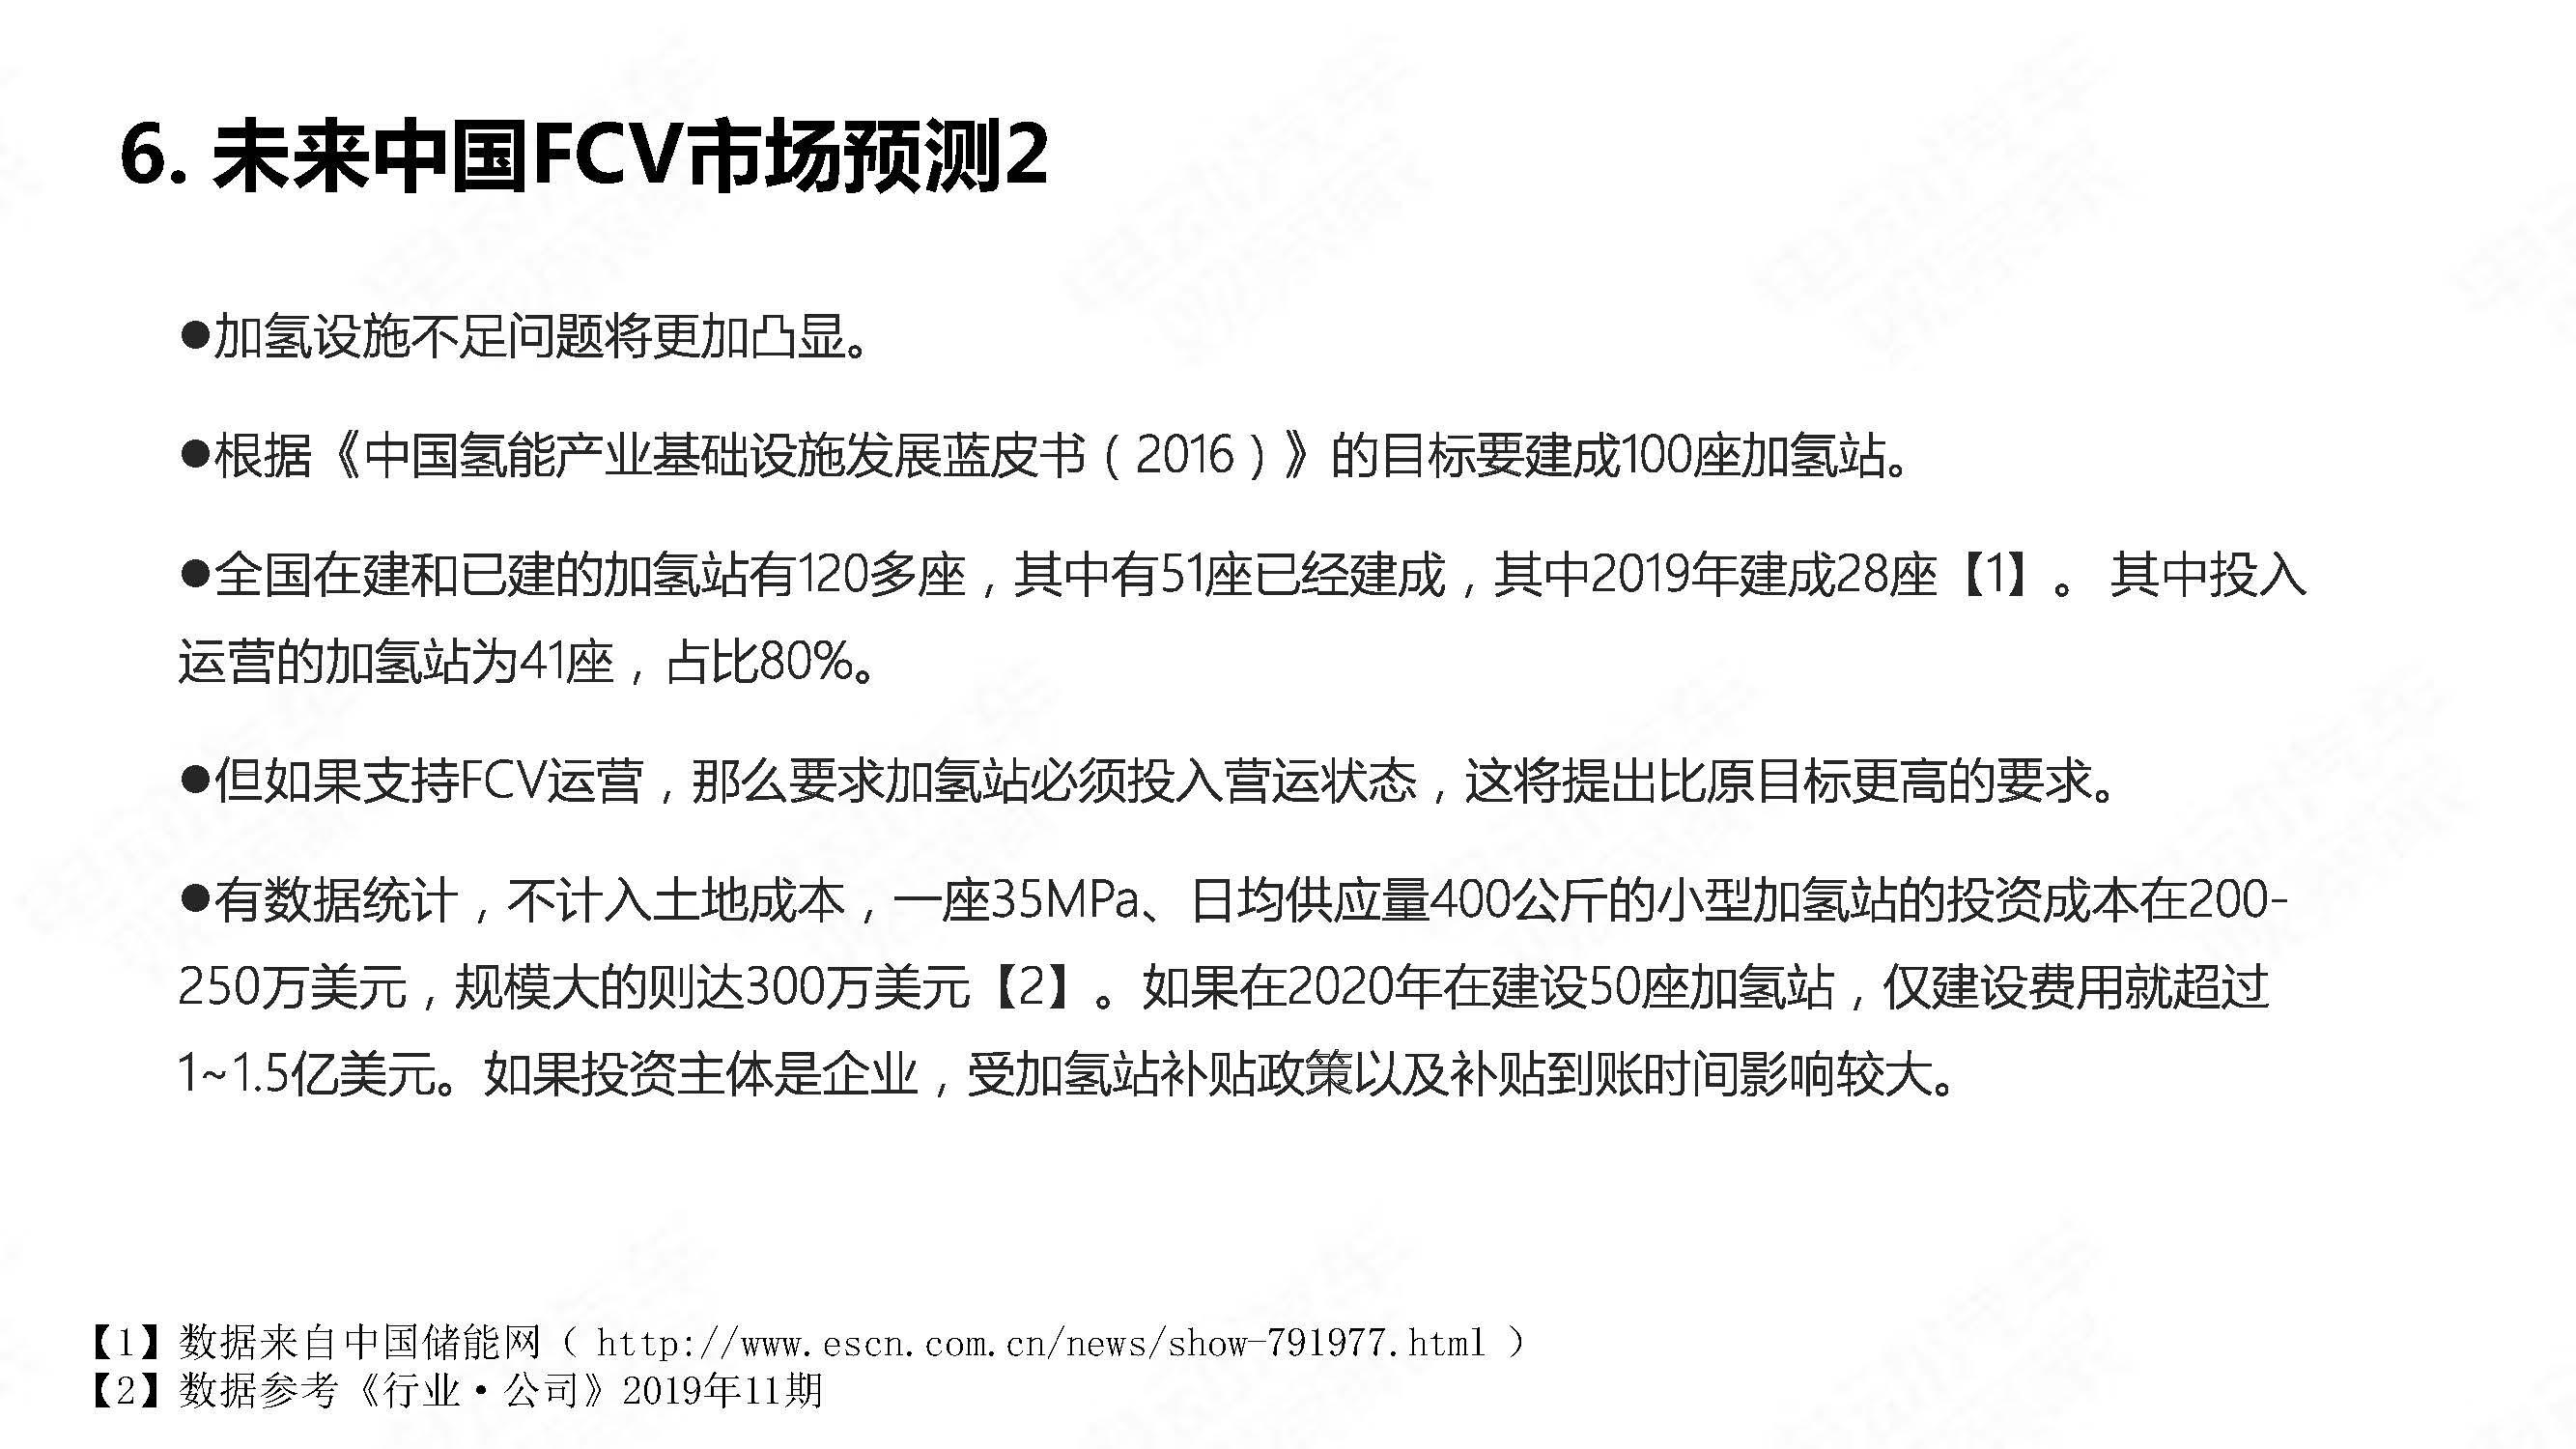 中国氢燃料电池汽车年度观察2020_页面_18